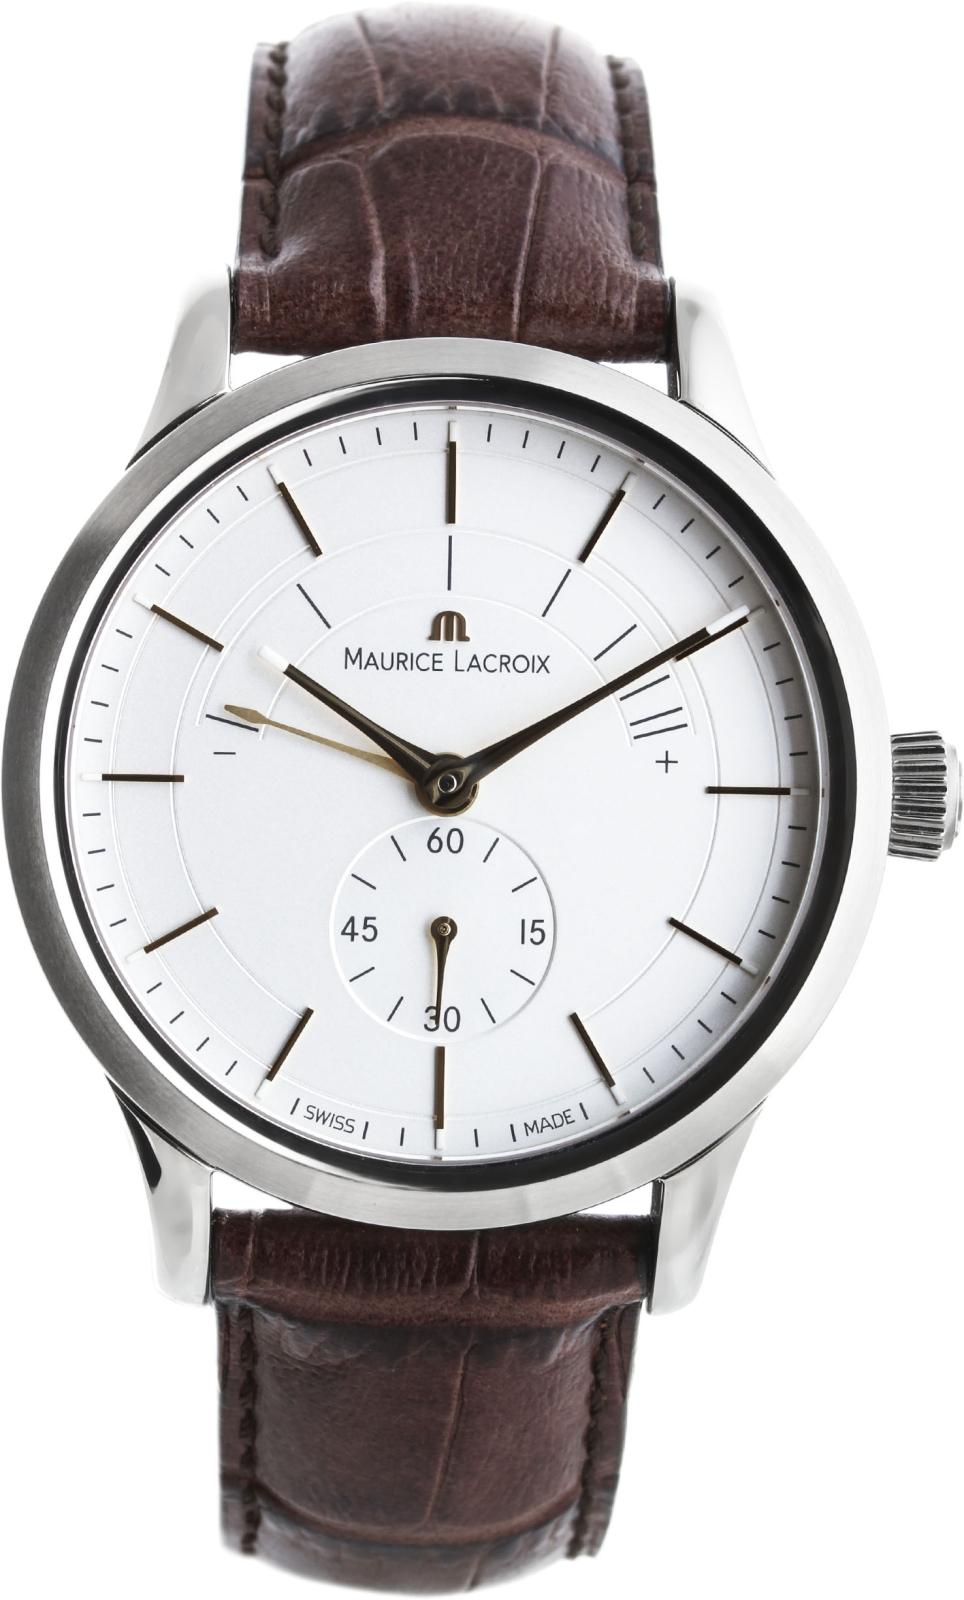 Maurice Lacroix Les Classiques LC7008-SS001-130Наручные часы<br>Швейцарские часы Maurice Lacroix Les Classiques&amp;nbsp;LC7008-SS001-130Данная модель &amp;mdash; яркий представитель коллекции Les Classiques. Это настоящие Мужские часы. Материал корпуса часов &amp;mdash; Сталь. Ремень &amp;mdash; Кожа. В этих часах используется Сапфировое стекло. Водозащита этой модели 30 м. Диаметр корпуса 32мм.<br><br>Пол: Мужские<br>Страна-производитель: Швейцария<br>Механизм: Механический<br>Материал корпуса: Сталь<br>Материал ремня/браслета: Кожа<br>Водозащита, диапазон: 20 - 100 м<br>Стекло: Сапфировое<br>Толщина корпуса: None<br>Стиль: None